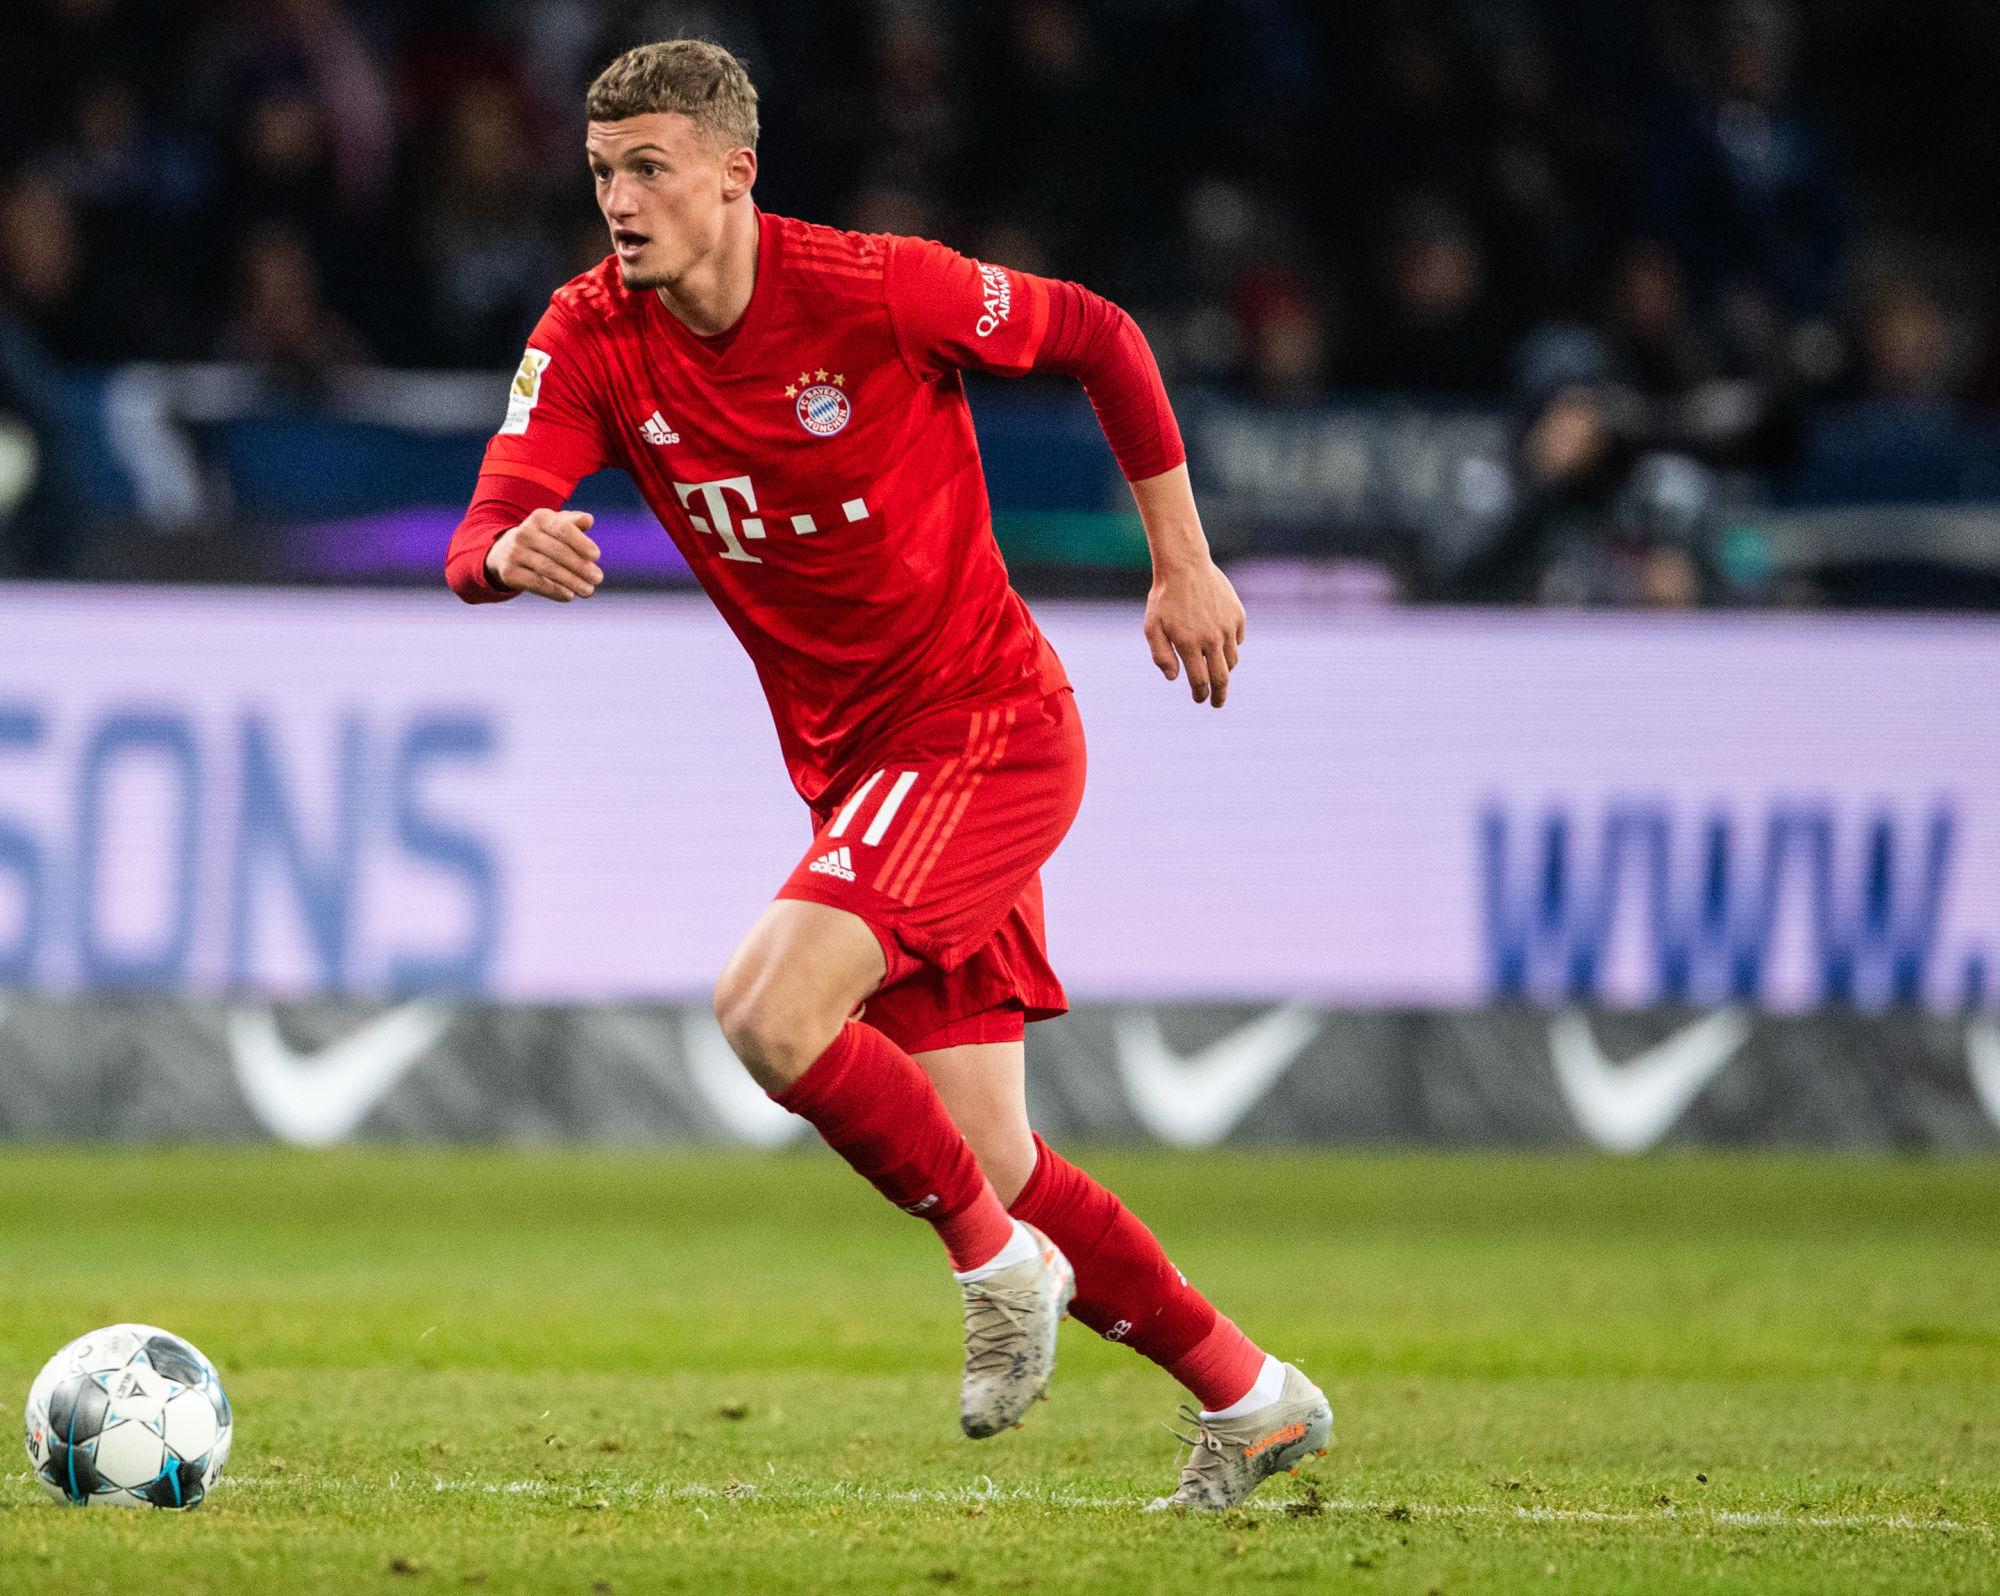 Mercato OM : Le Bayern fait patienter Marseille pour Cuisance